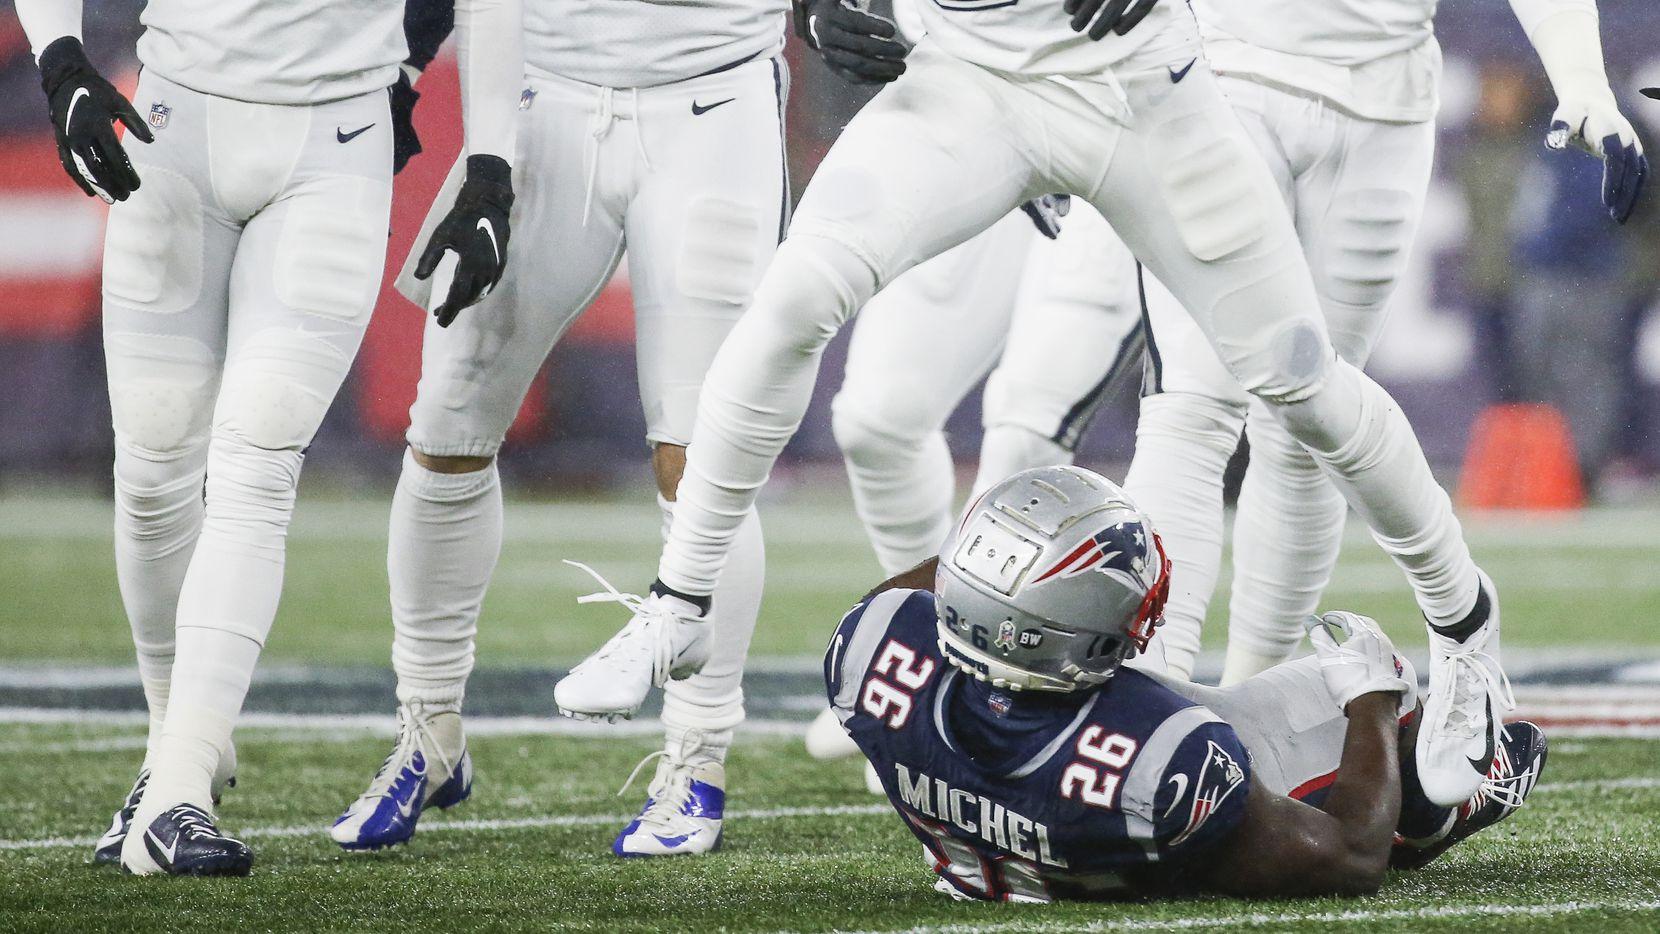 Uniforme todo blanco es el que utilizarán los Dallas Cowboys en su juego del Día de Acción de Gracias cuando enfrenten al equipo de Washington.